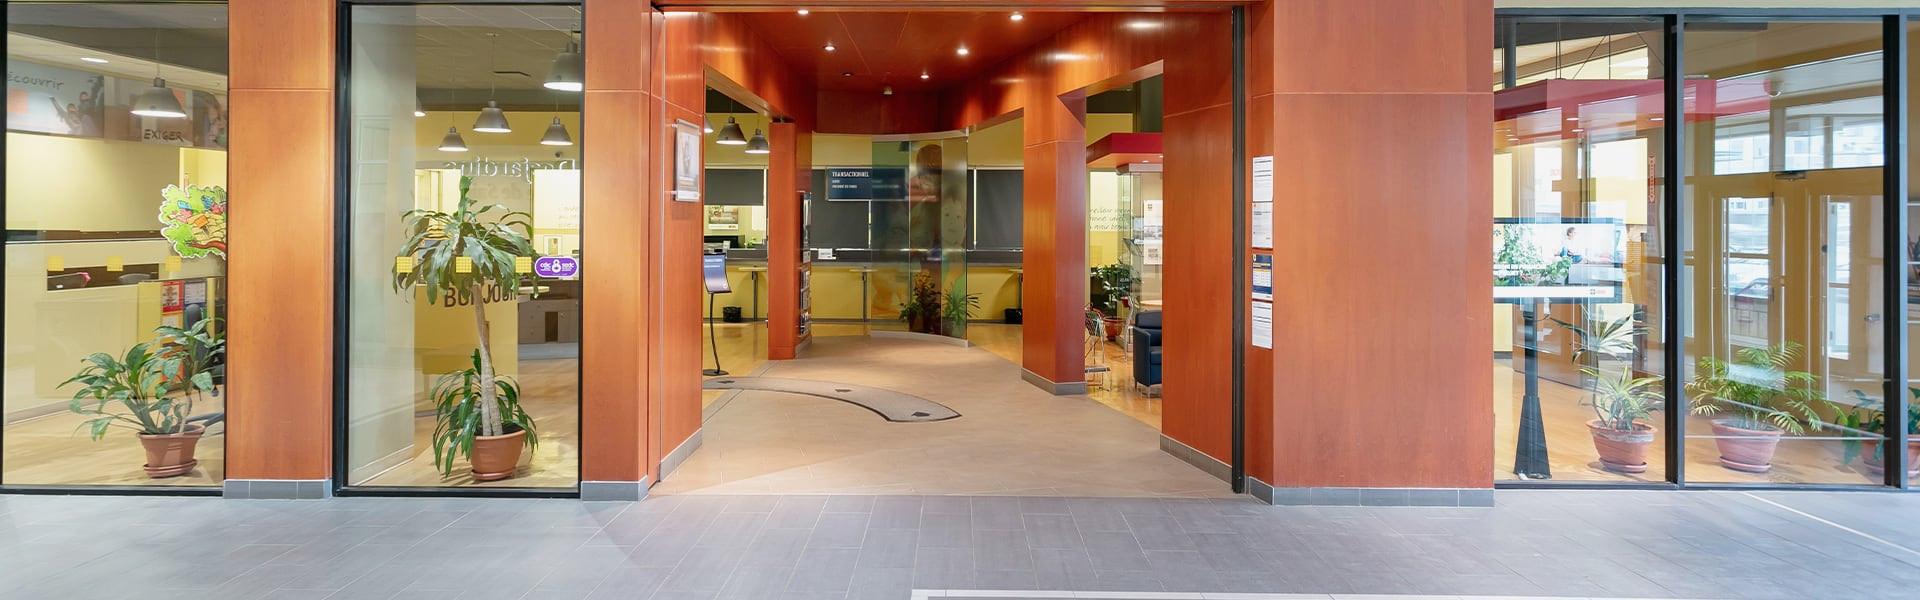 Banque Laurentienne | Place de la Cité